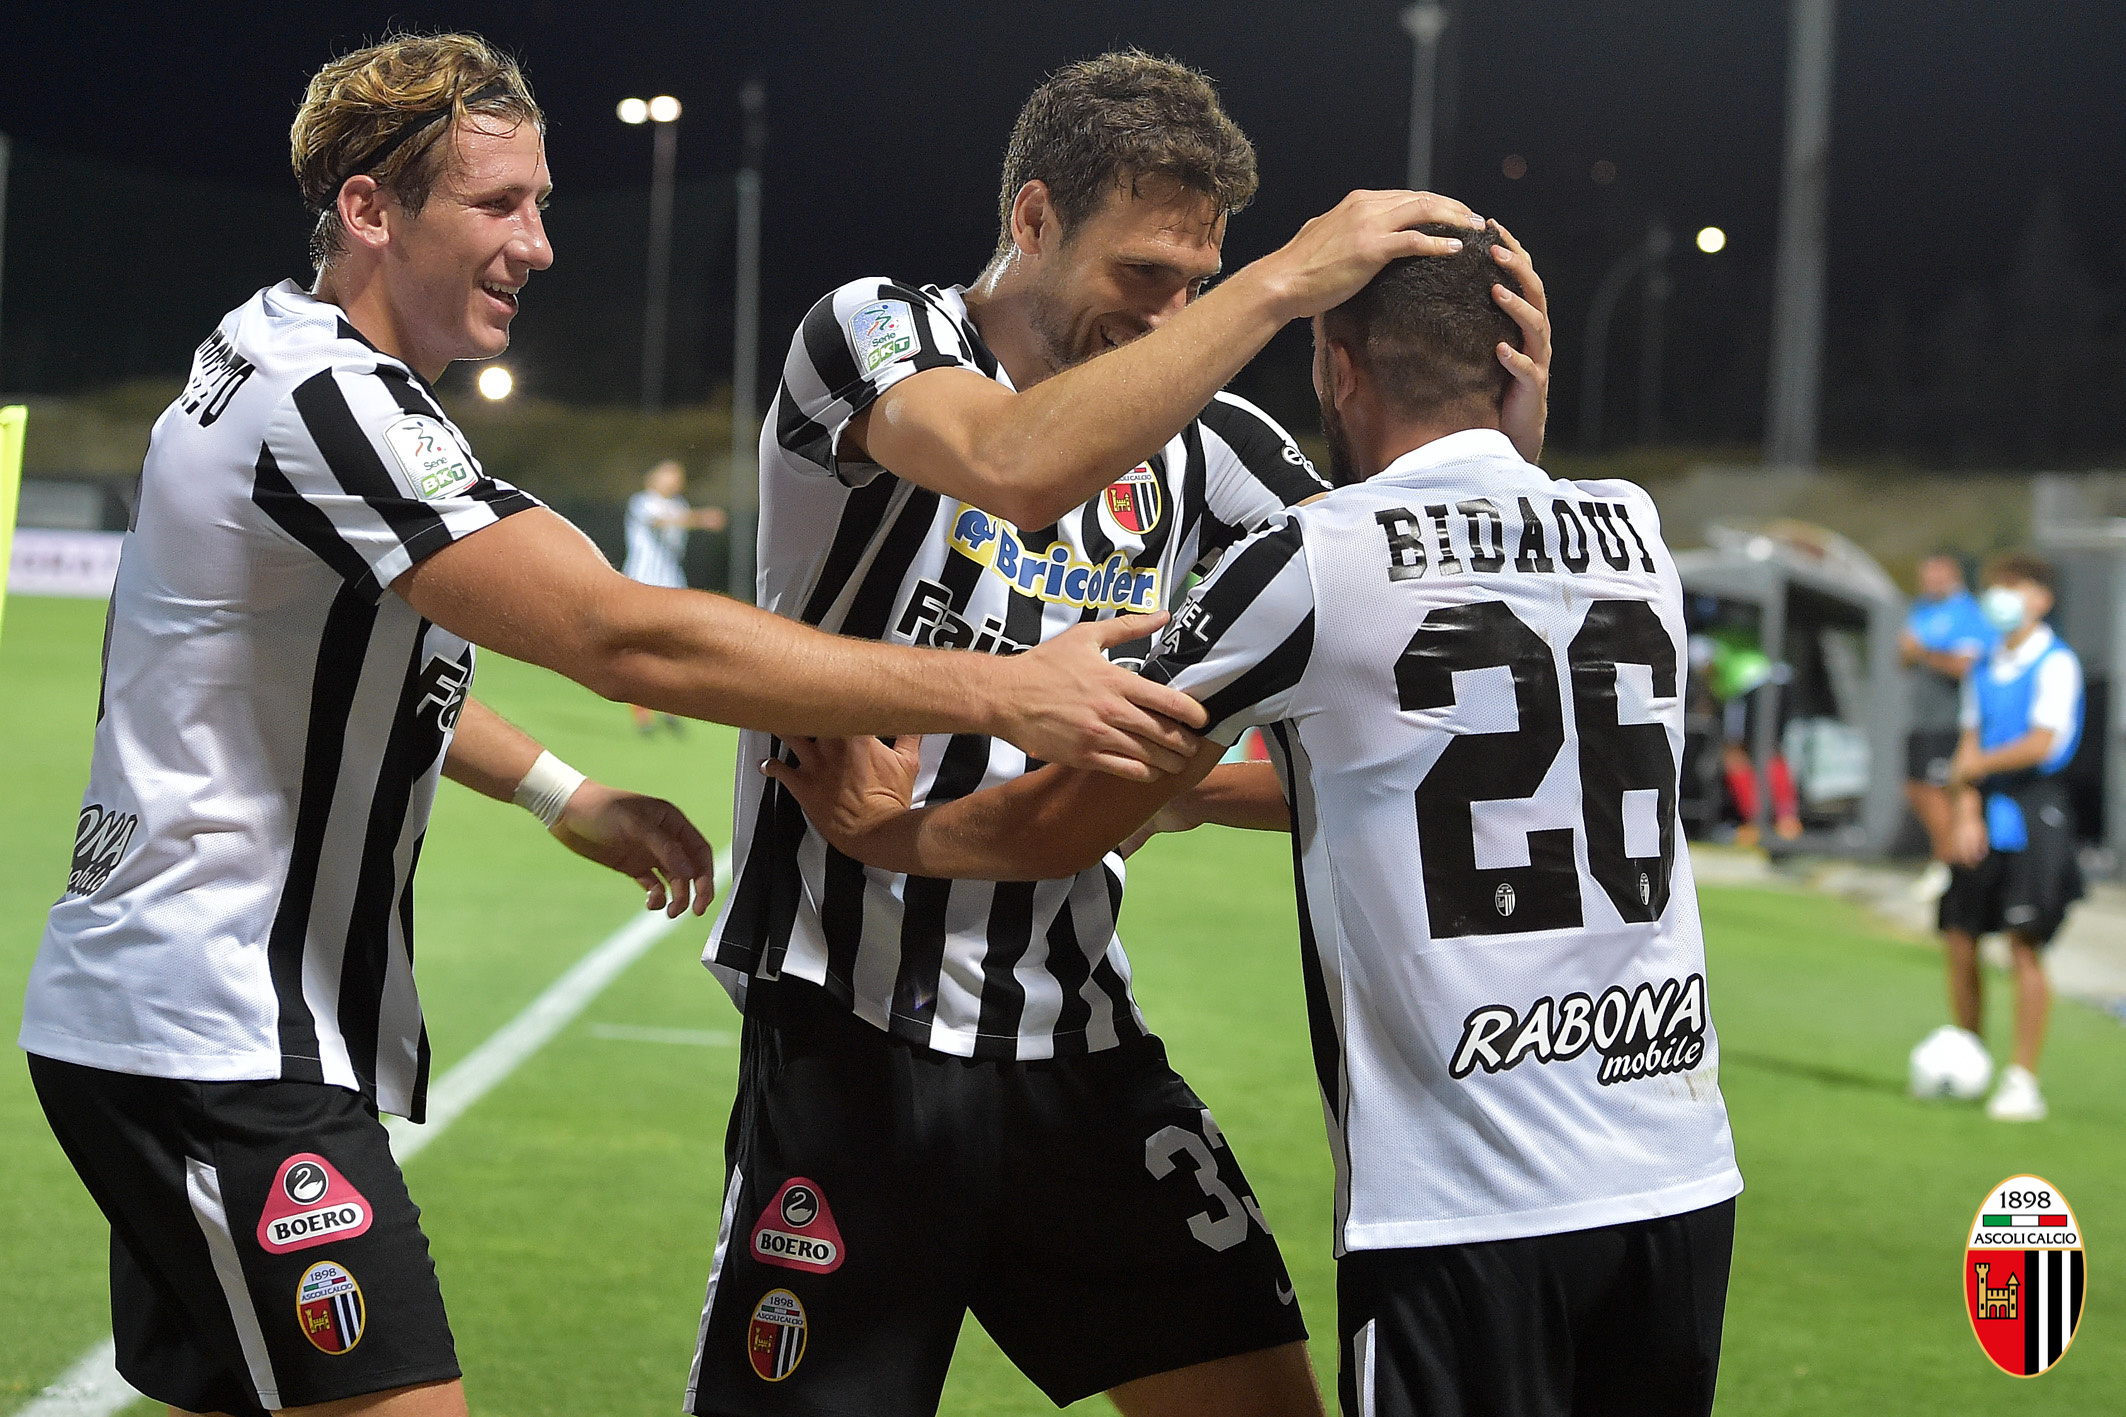 """Bidaoui: """"Voglio essere più decisivo per la squadra"""". E su Dionisi, De Paoli e Iliev…"""